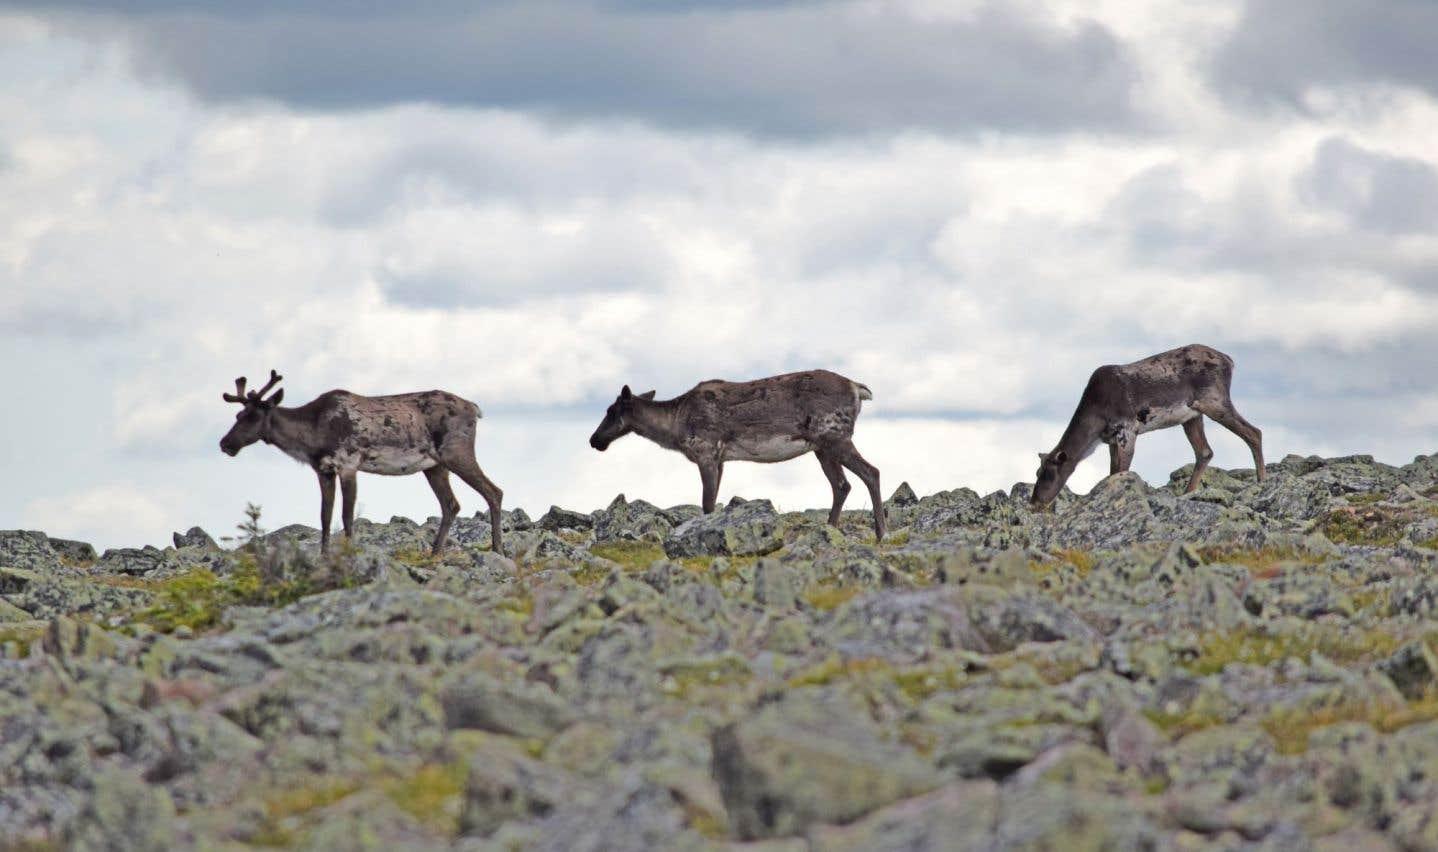 Le transfert de caribous dans un zoo suscite des inquiétudes